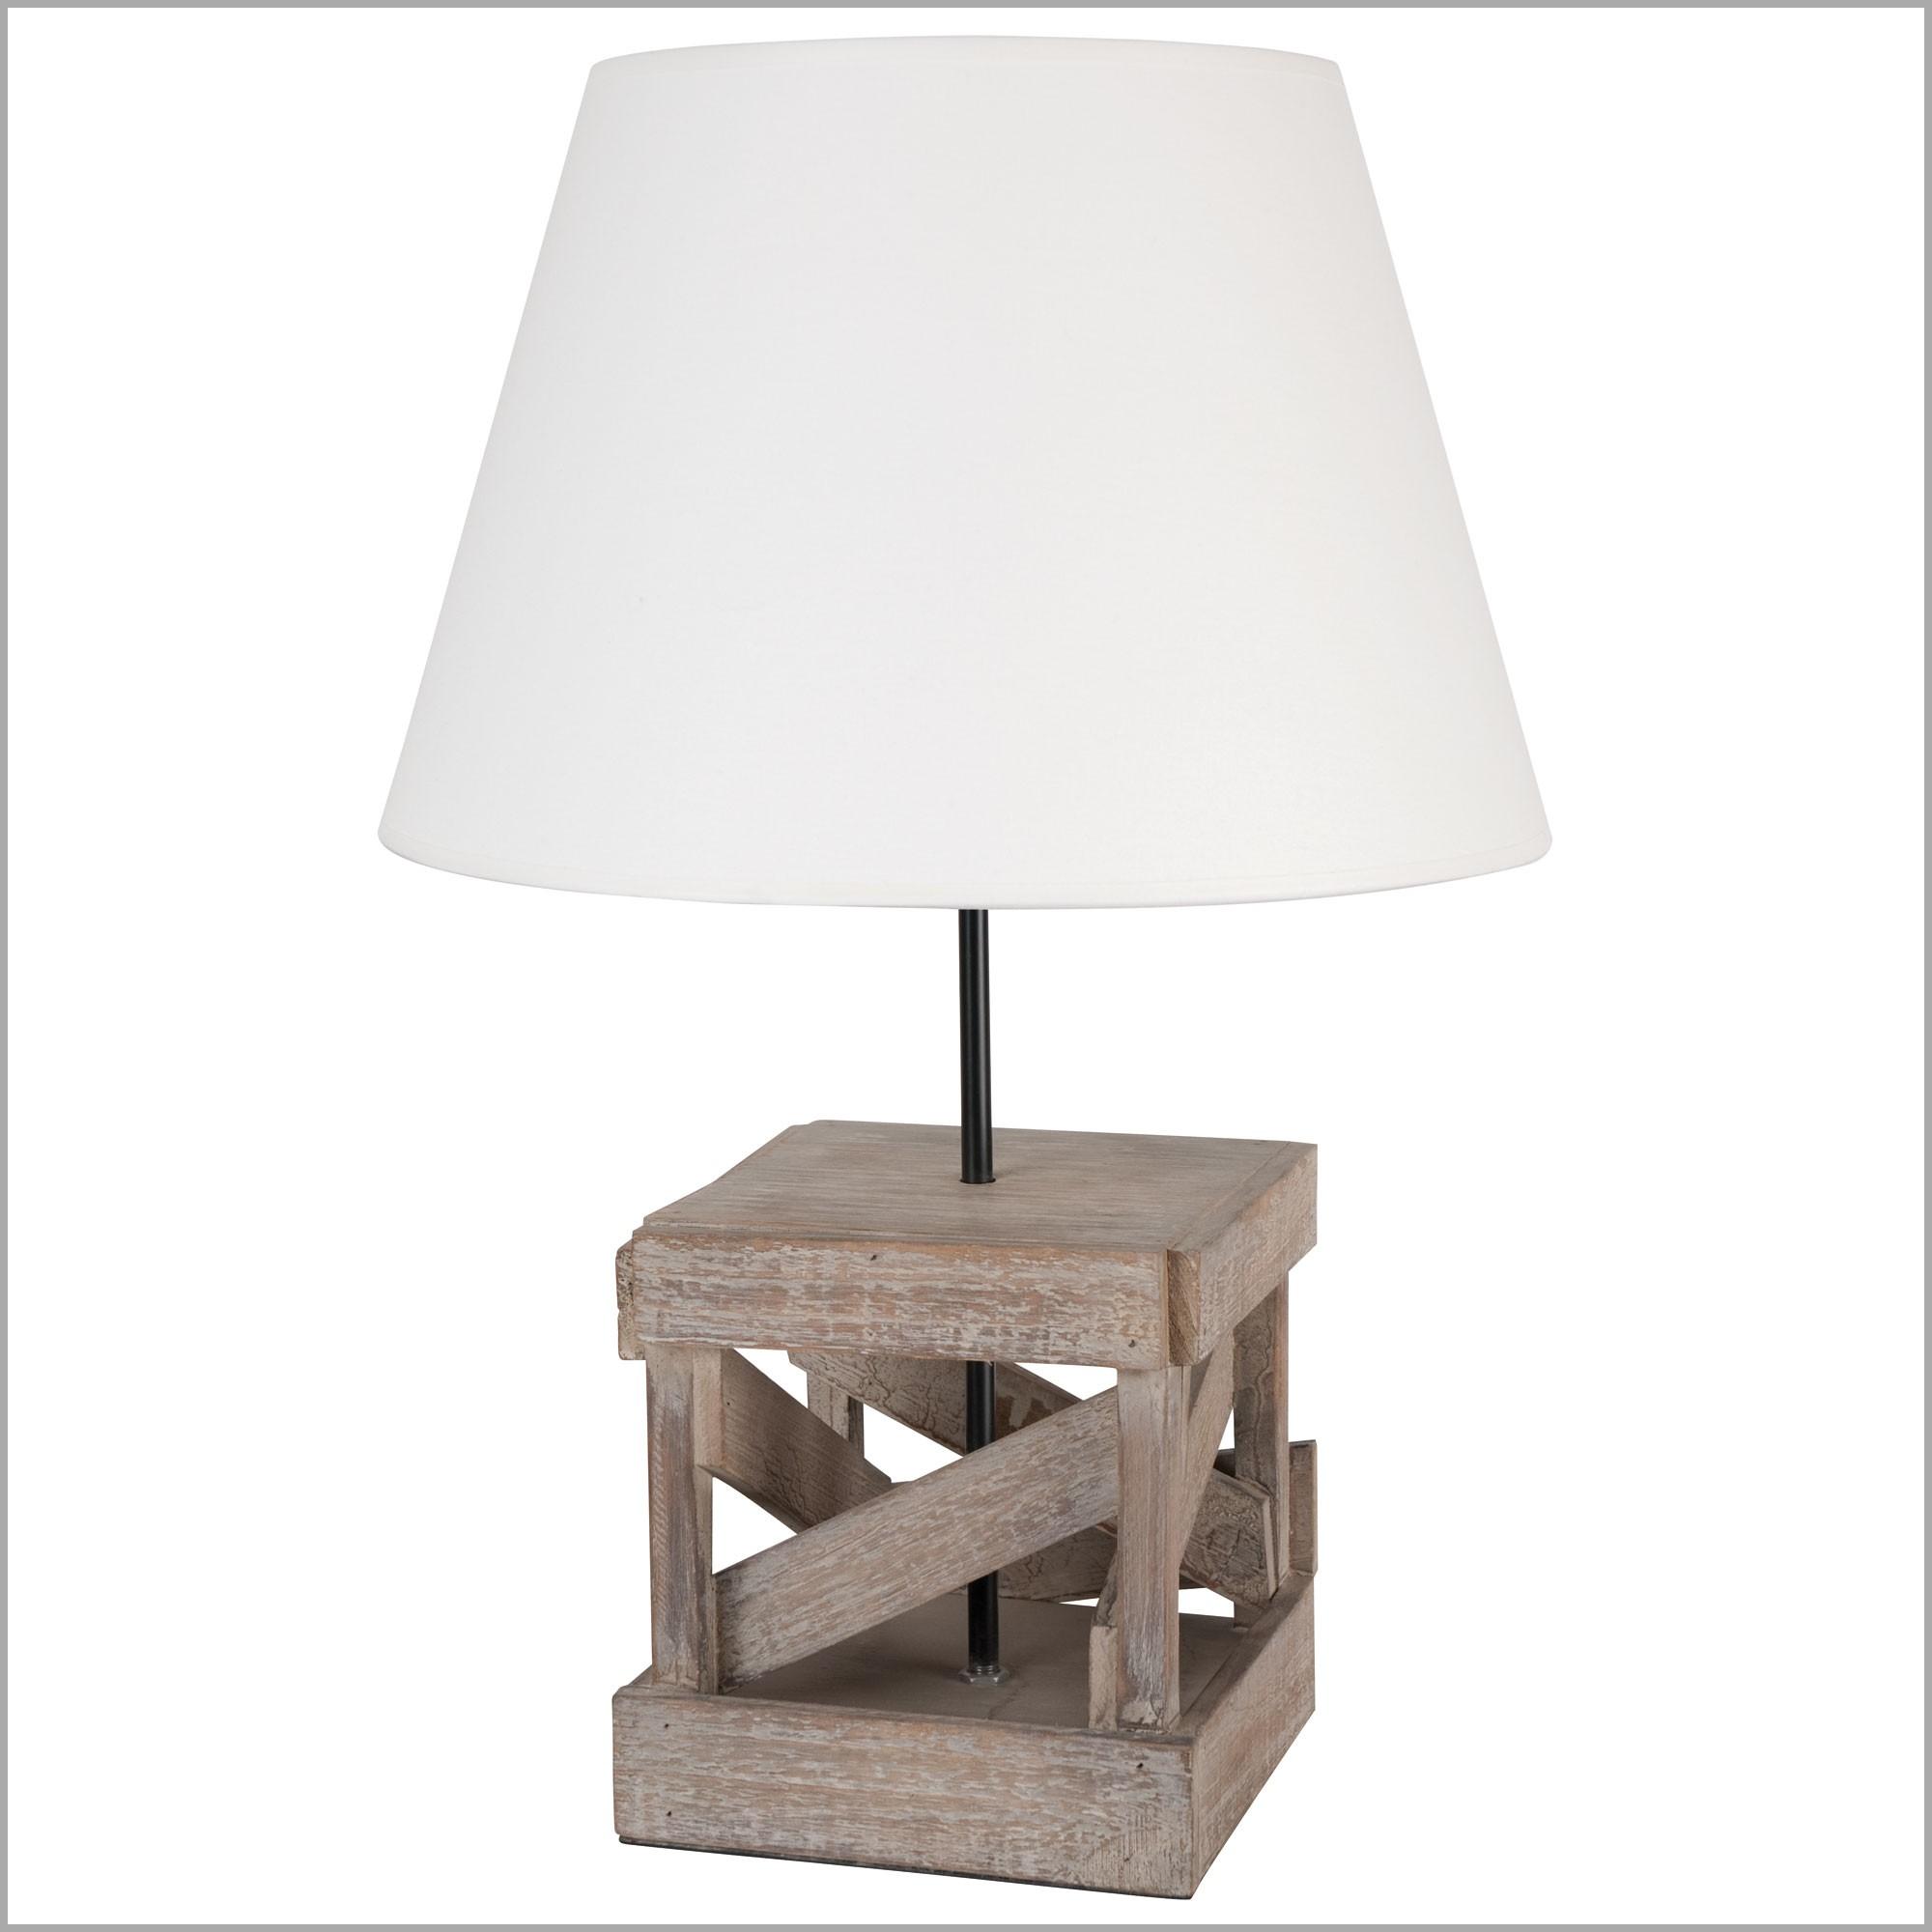 Idée De Chevet Luminaire Gifi Maison Et Lampe hsQtCdr